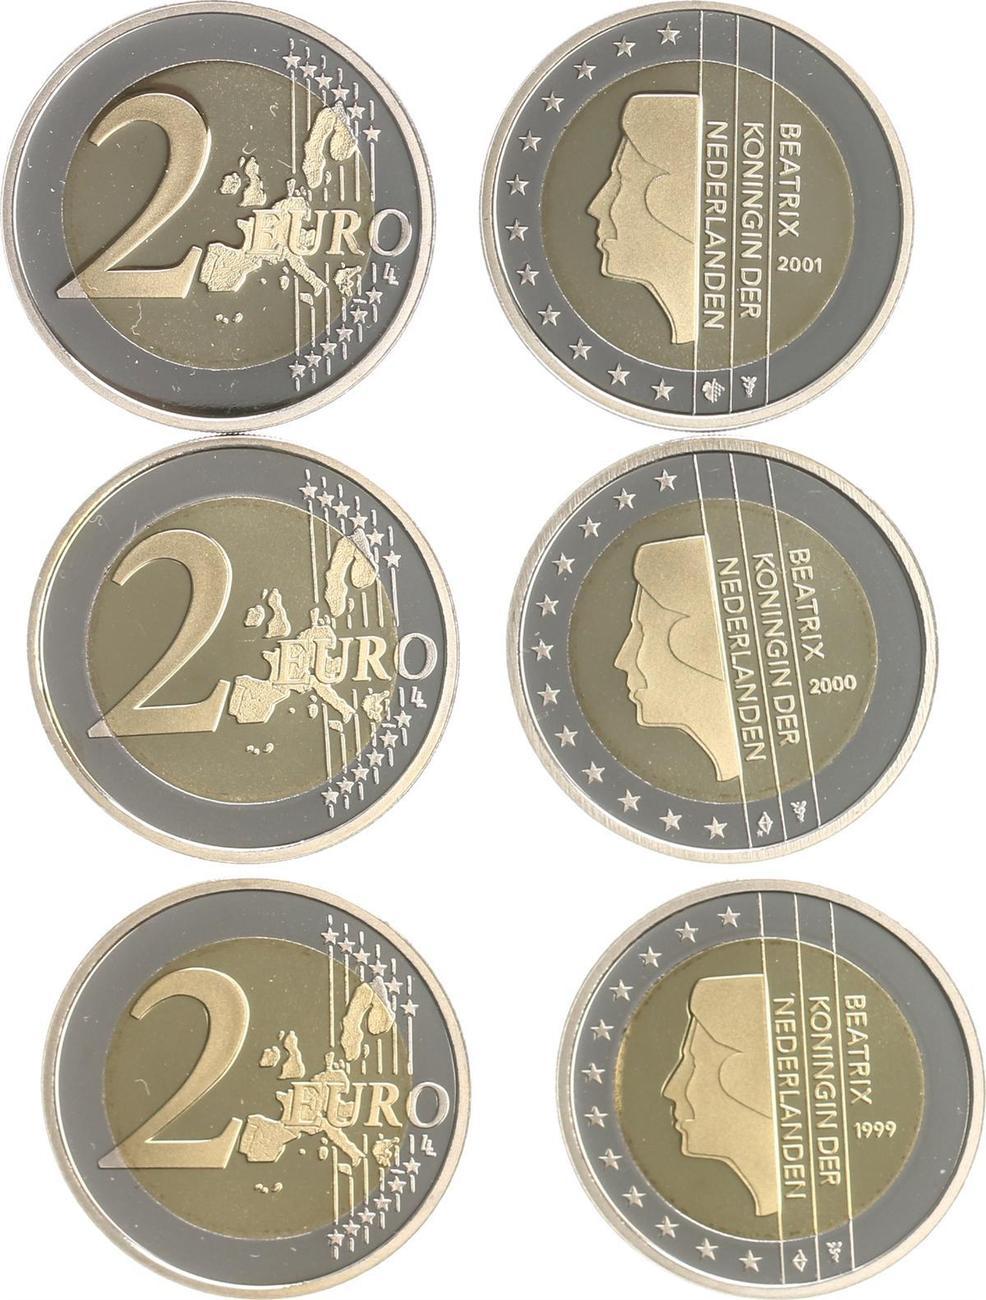 2 Euro Münze Seltene Bilder Bibliothek 2 Euro Münze Als Spiegel